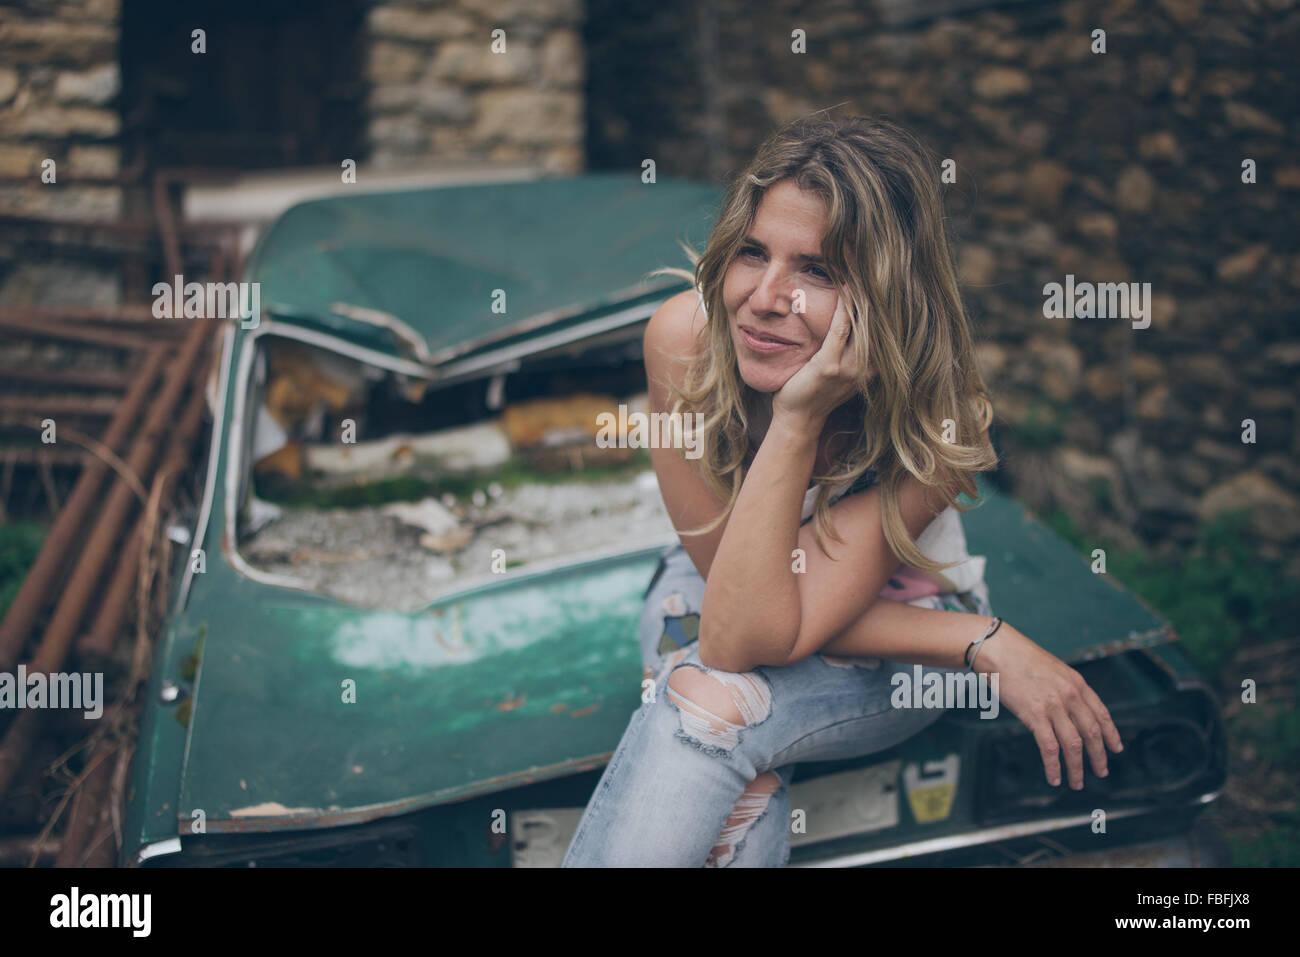 Junge Frau sitzend auf verlassenen Auto wegschauen Stockbild